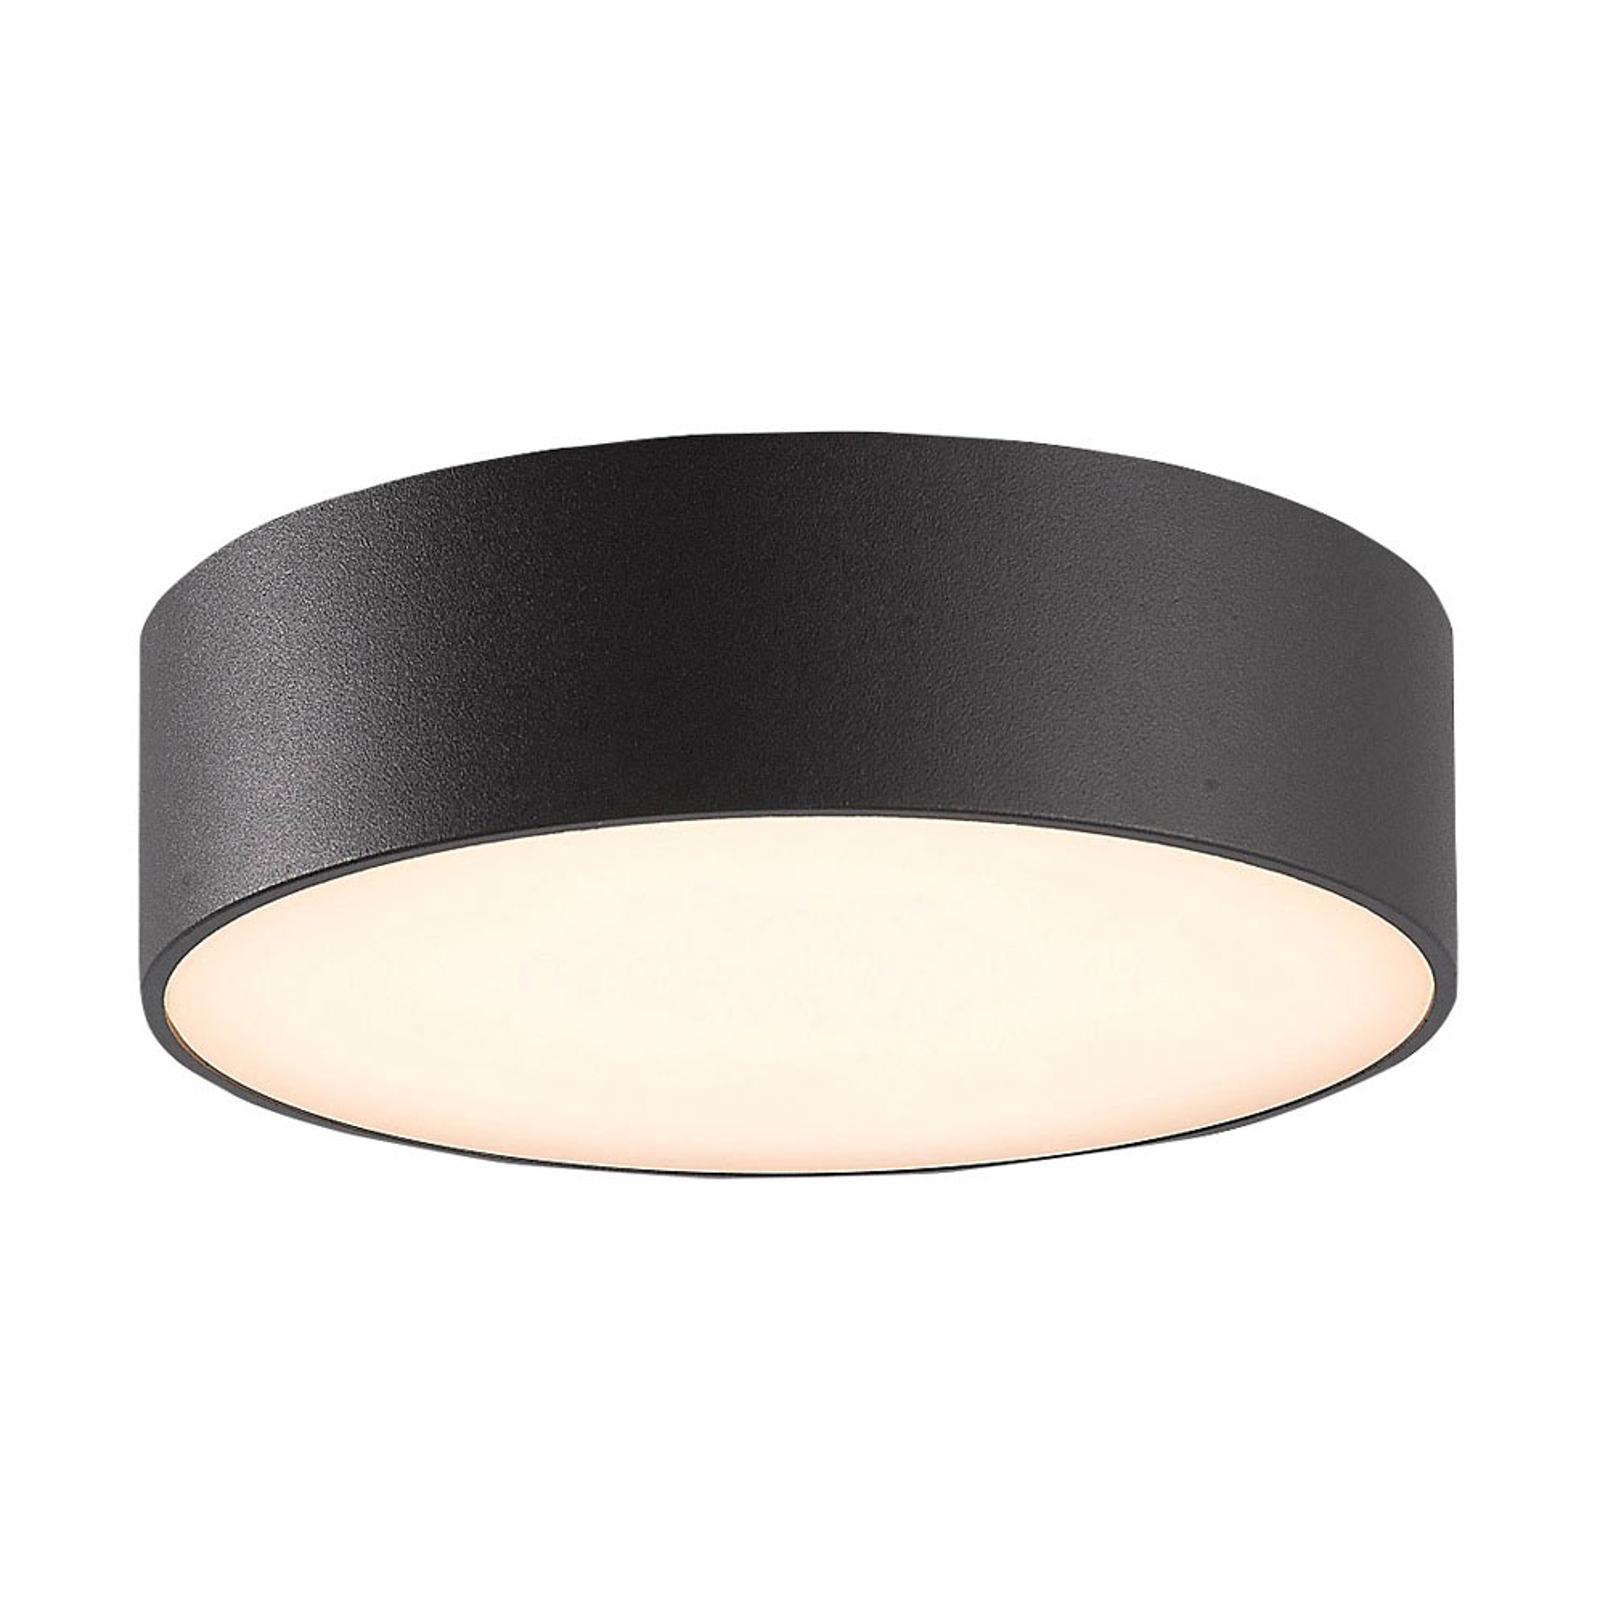 Luminaire d'extérieur LED CMD 9026, Ø 25cm